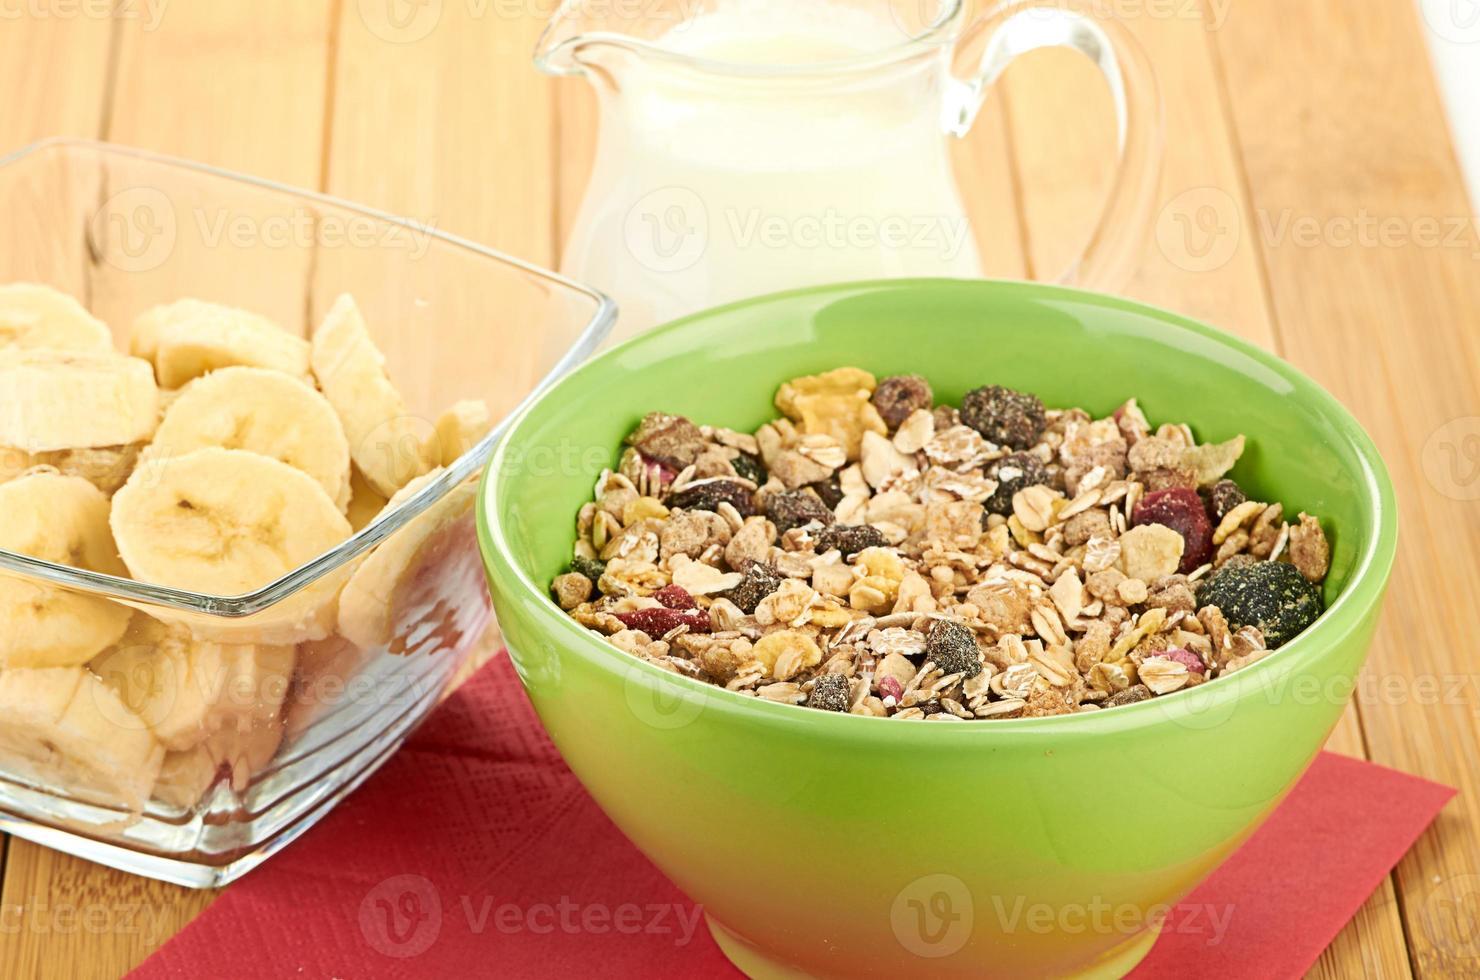 céréales délicieuses et saines dans un bol avec du lait photo